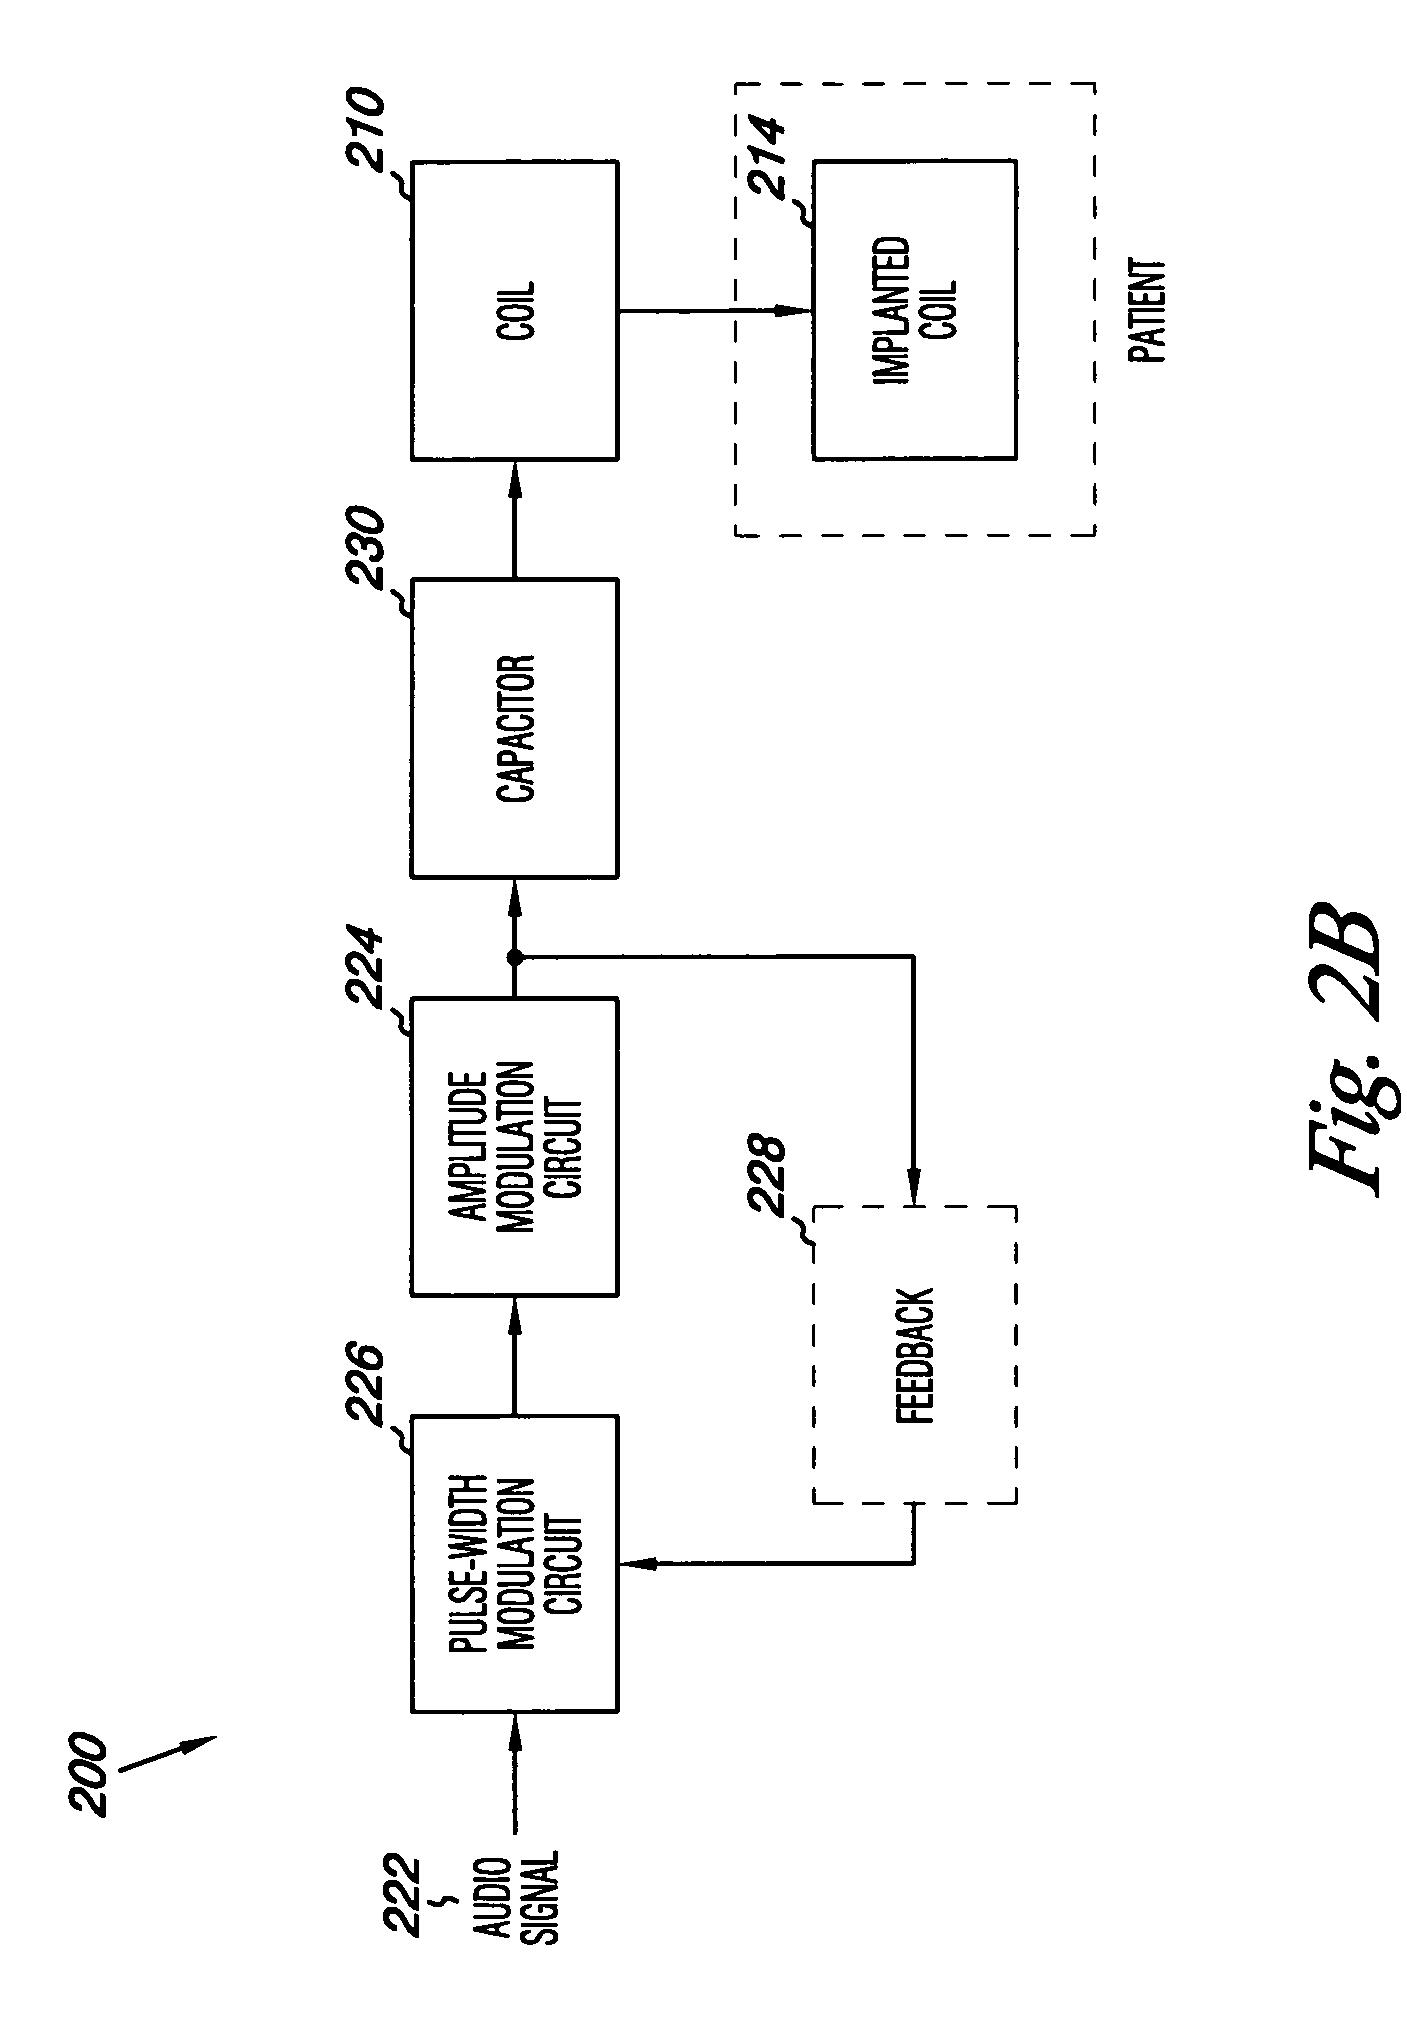 patent us8351628